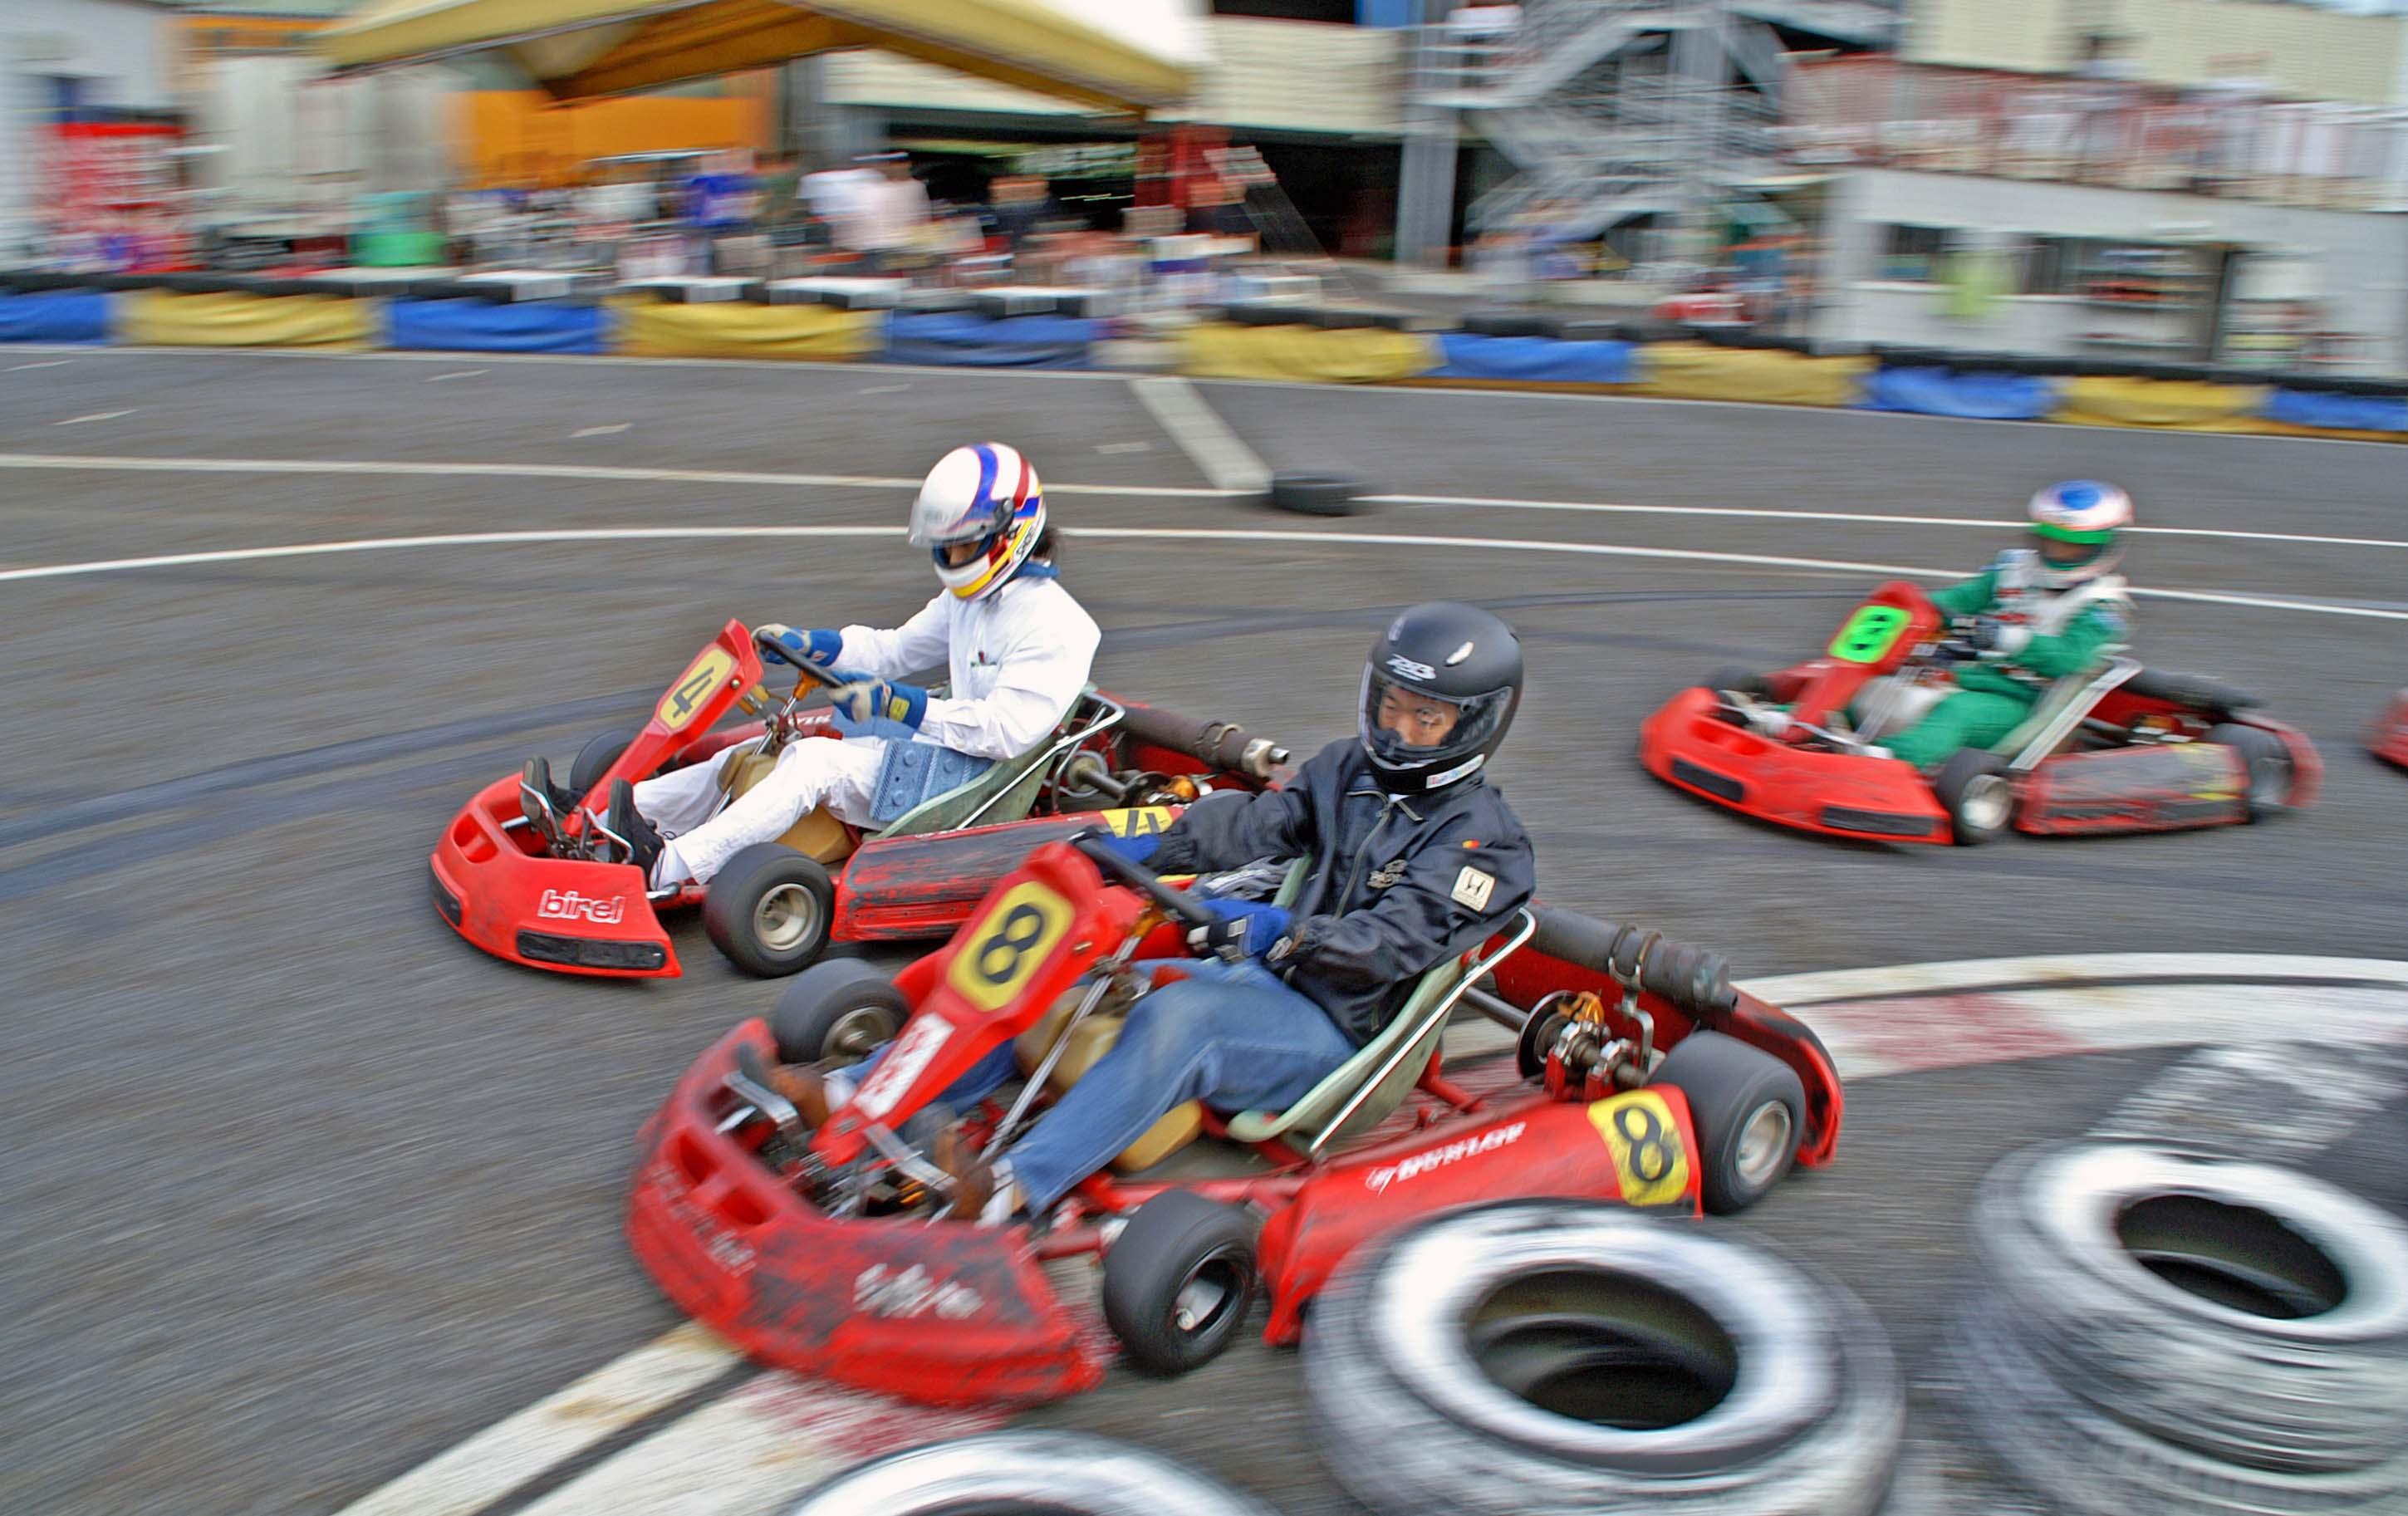 Kartoff♪ 並走接戦 サイドバイサイド Side By                   Side 追い抜き 追い越し 抜かれ方 Passing パッシング Race Scene レースシーン CityKart                  シティカート